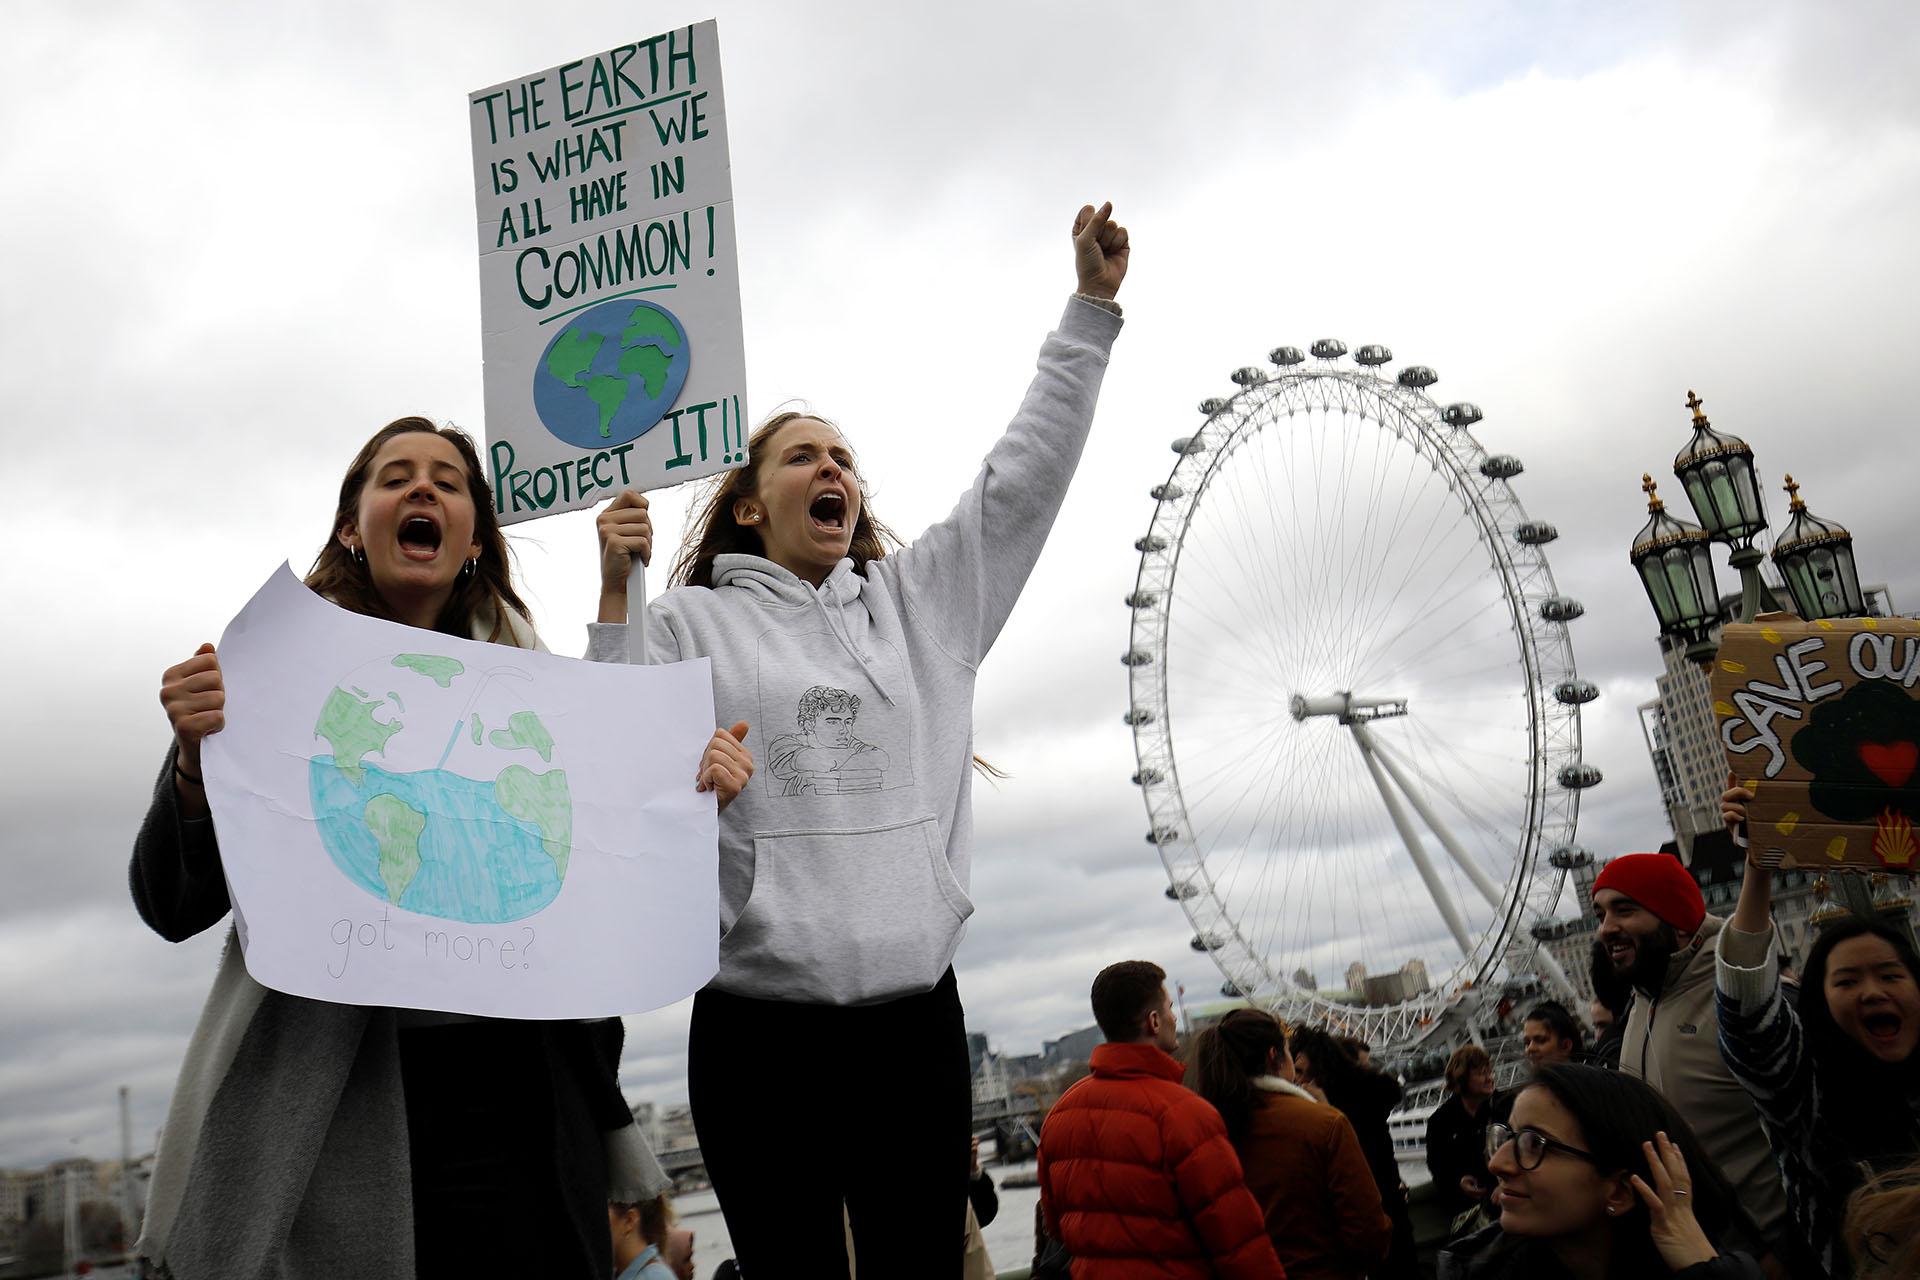 El popular London Eye en el centro de Londrescomo marco de las protestas del#FridayForFuture (Foto:Tolga AKMEN / AFP)